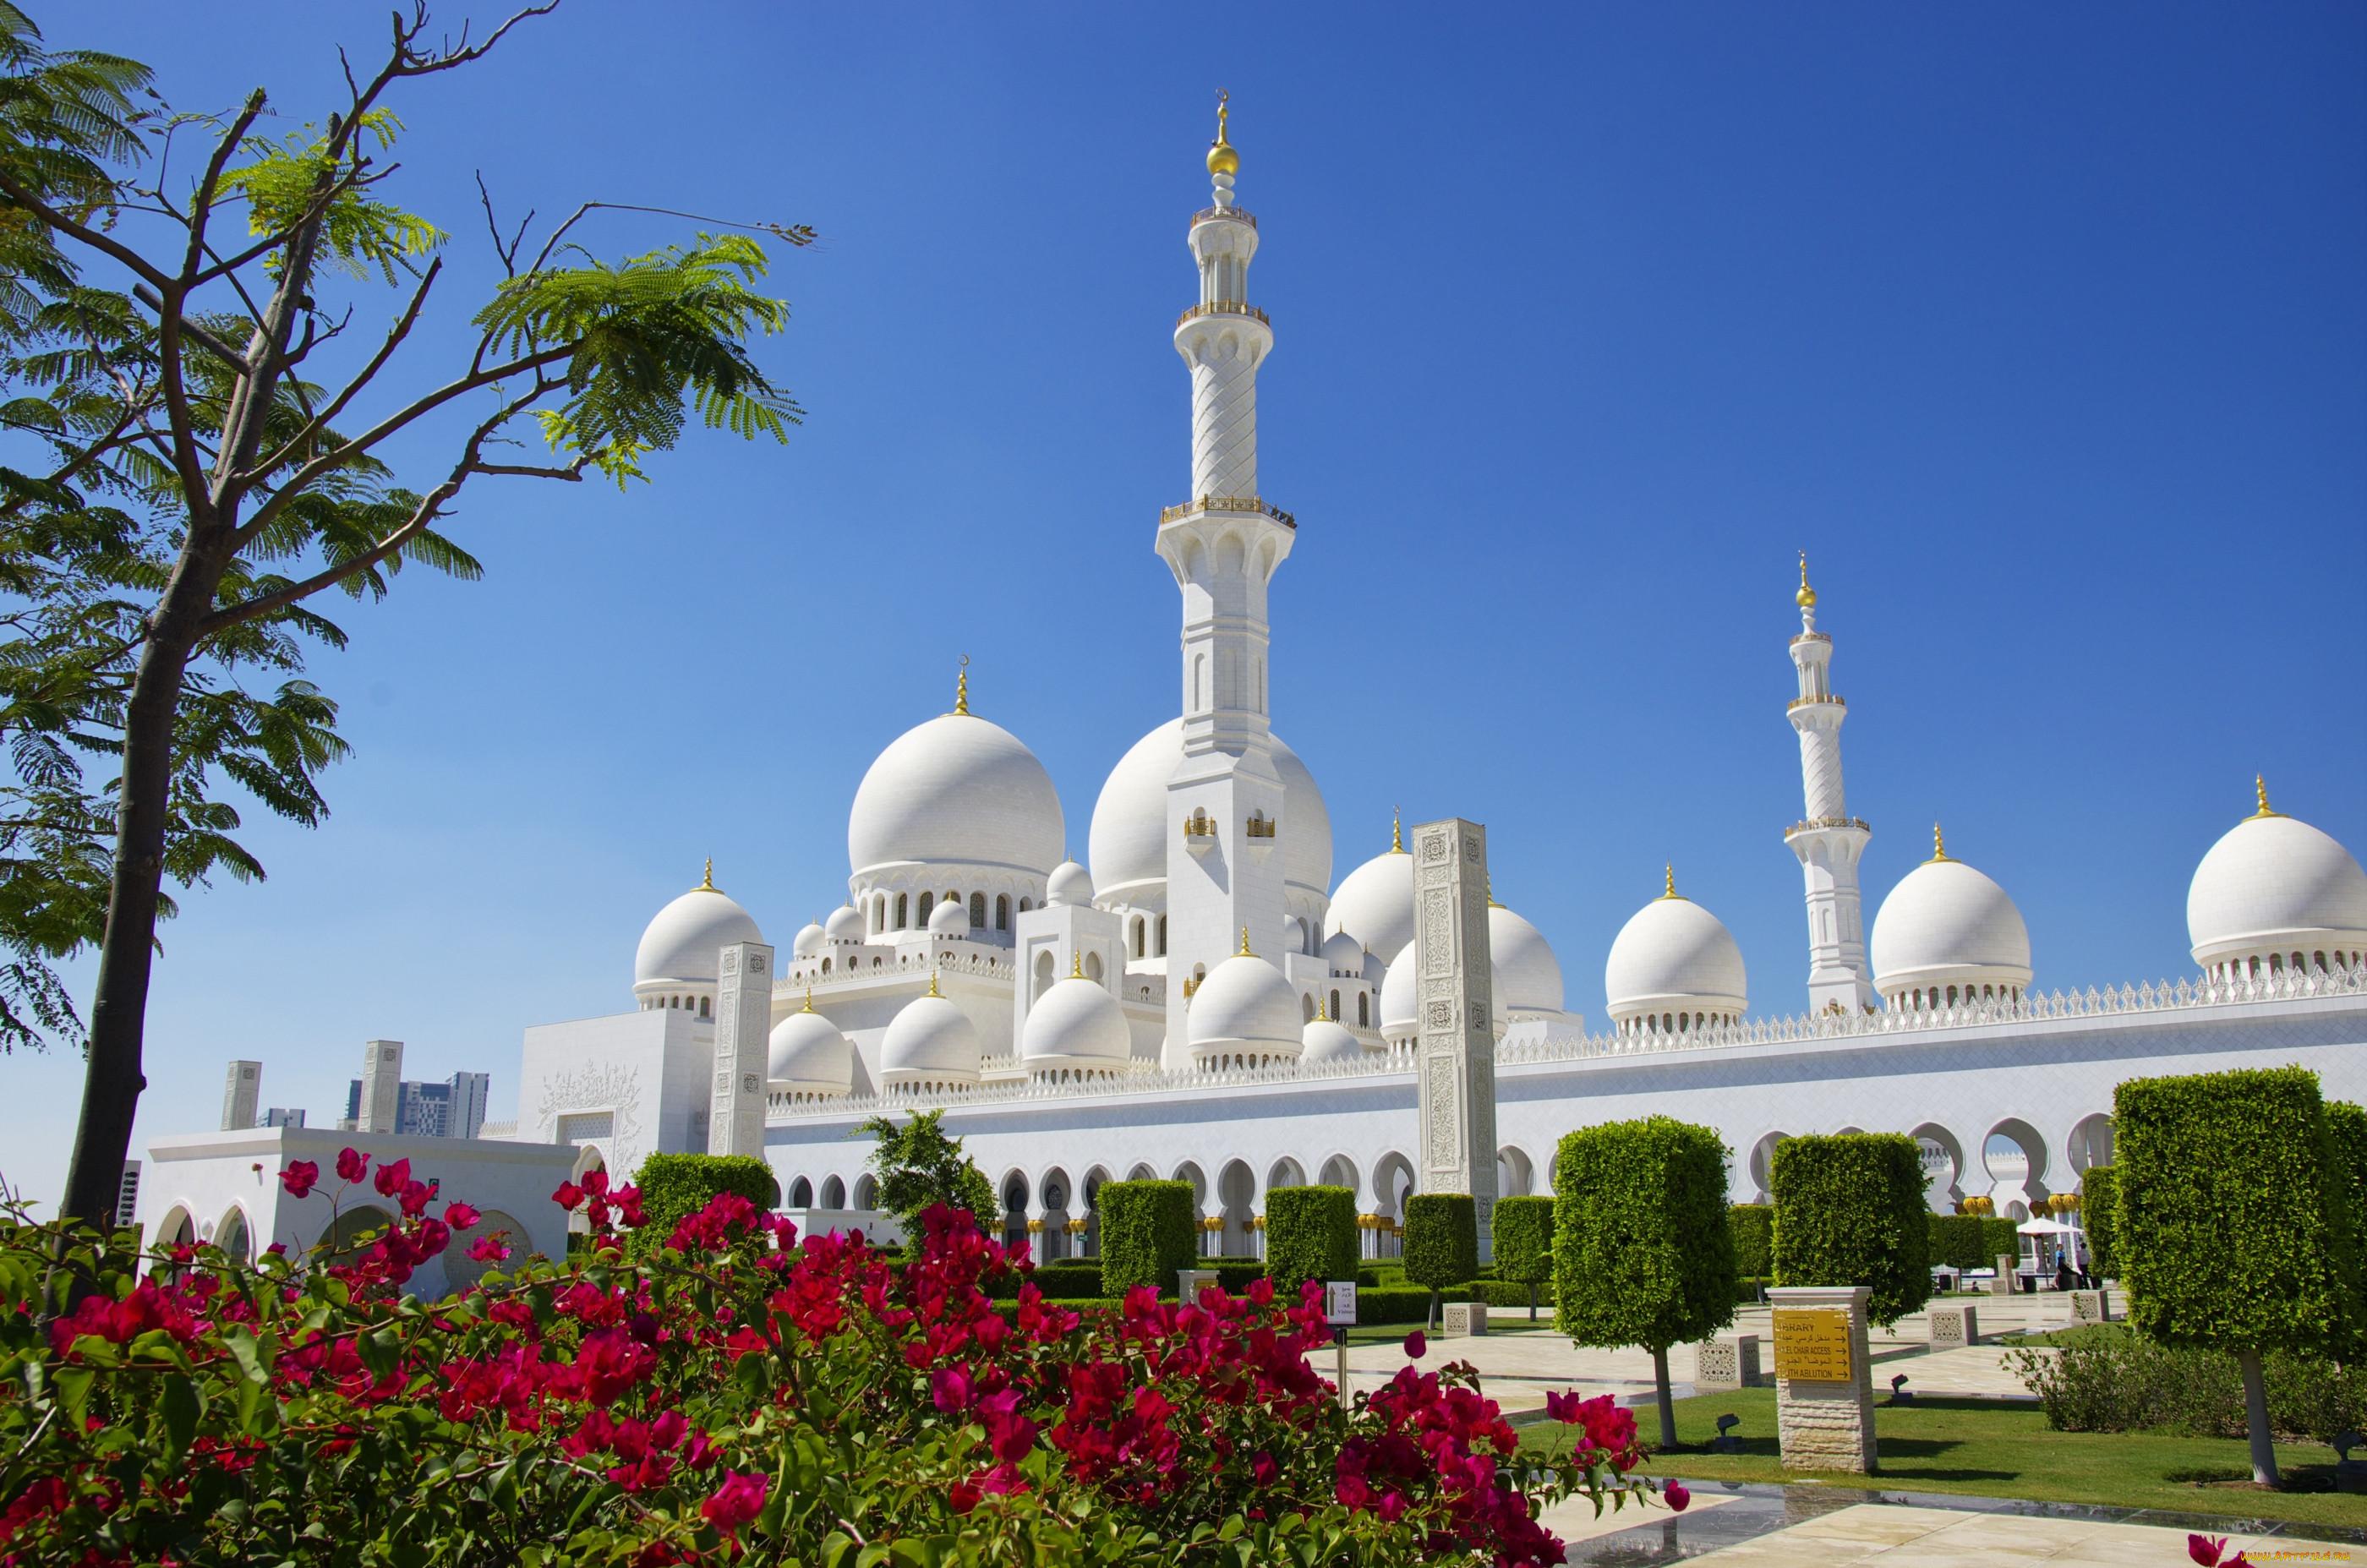 создают, фотографии мечетей мира хорошем качестве всем многообразии моделей